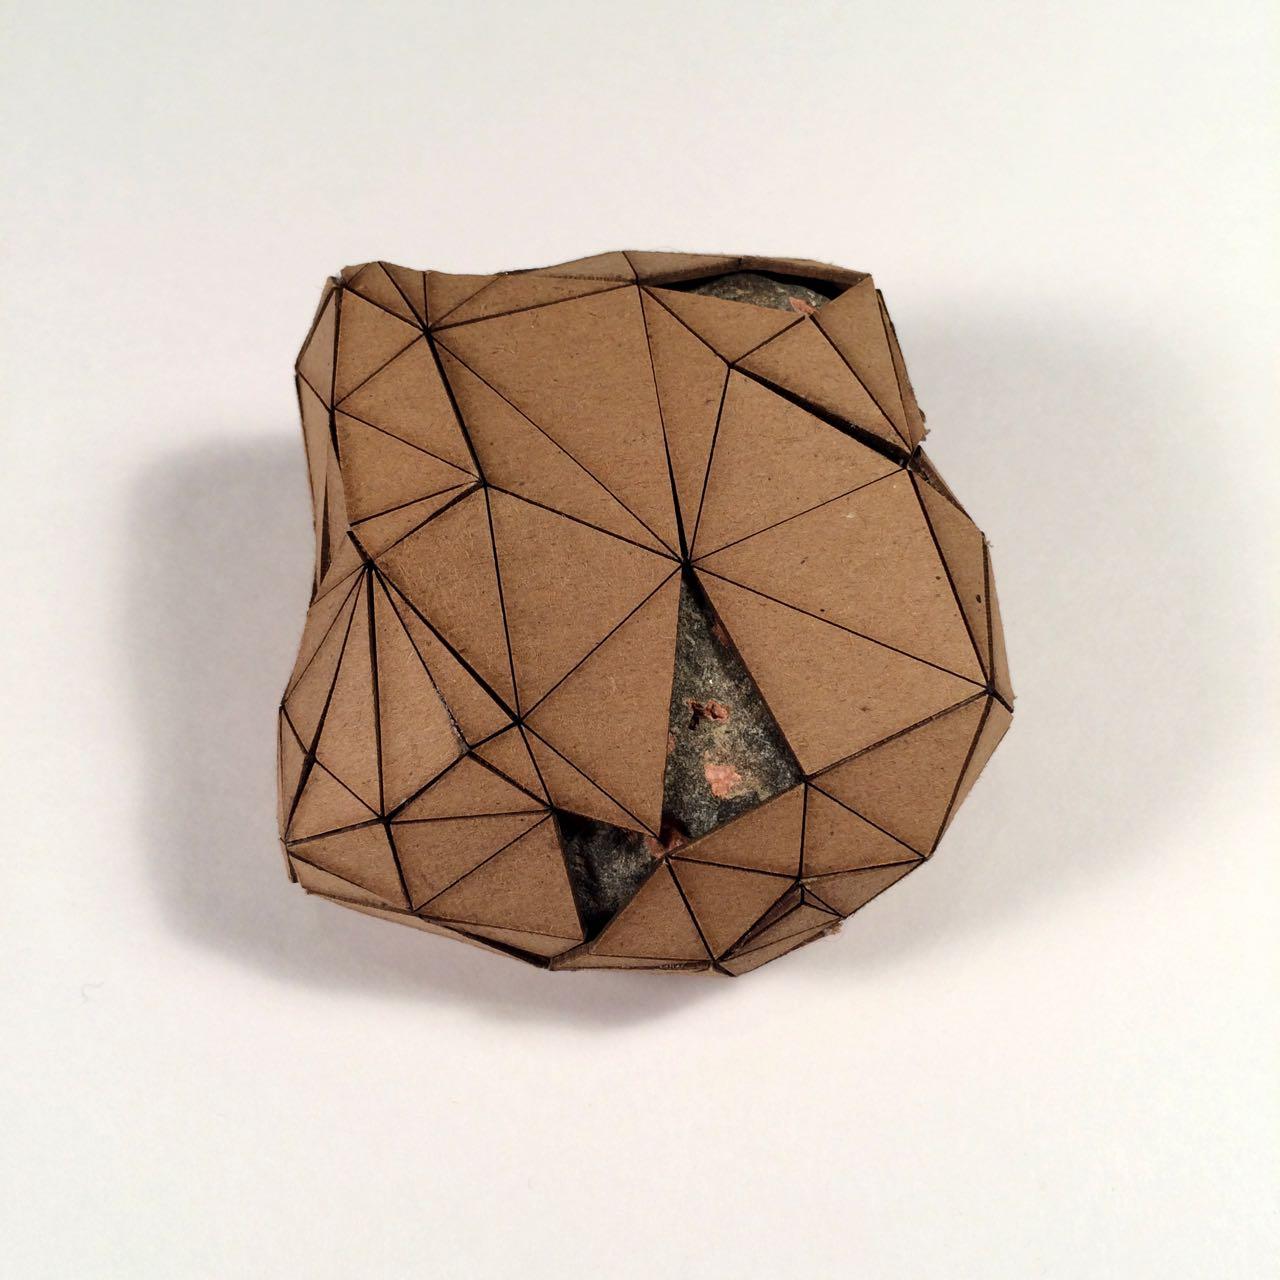 (Back view) 038 - Boxes For Rocks, 2012, laser cut cardboard, found rocks, glue, 9.5cm x 9cm x 4.5cm (roundish), 250 CAD